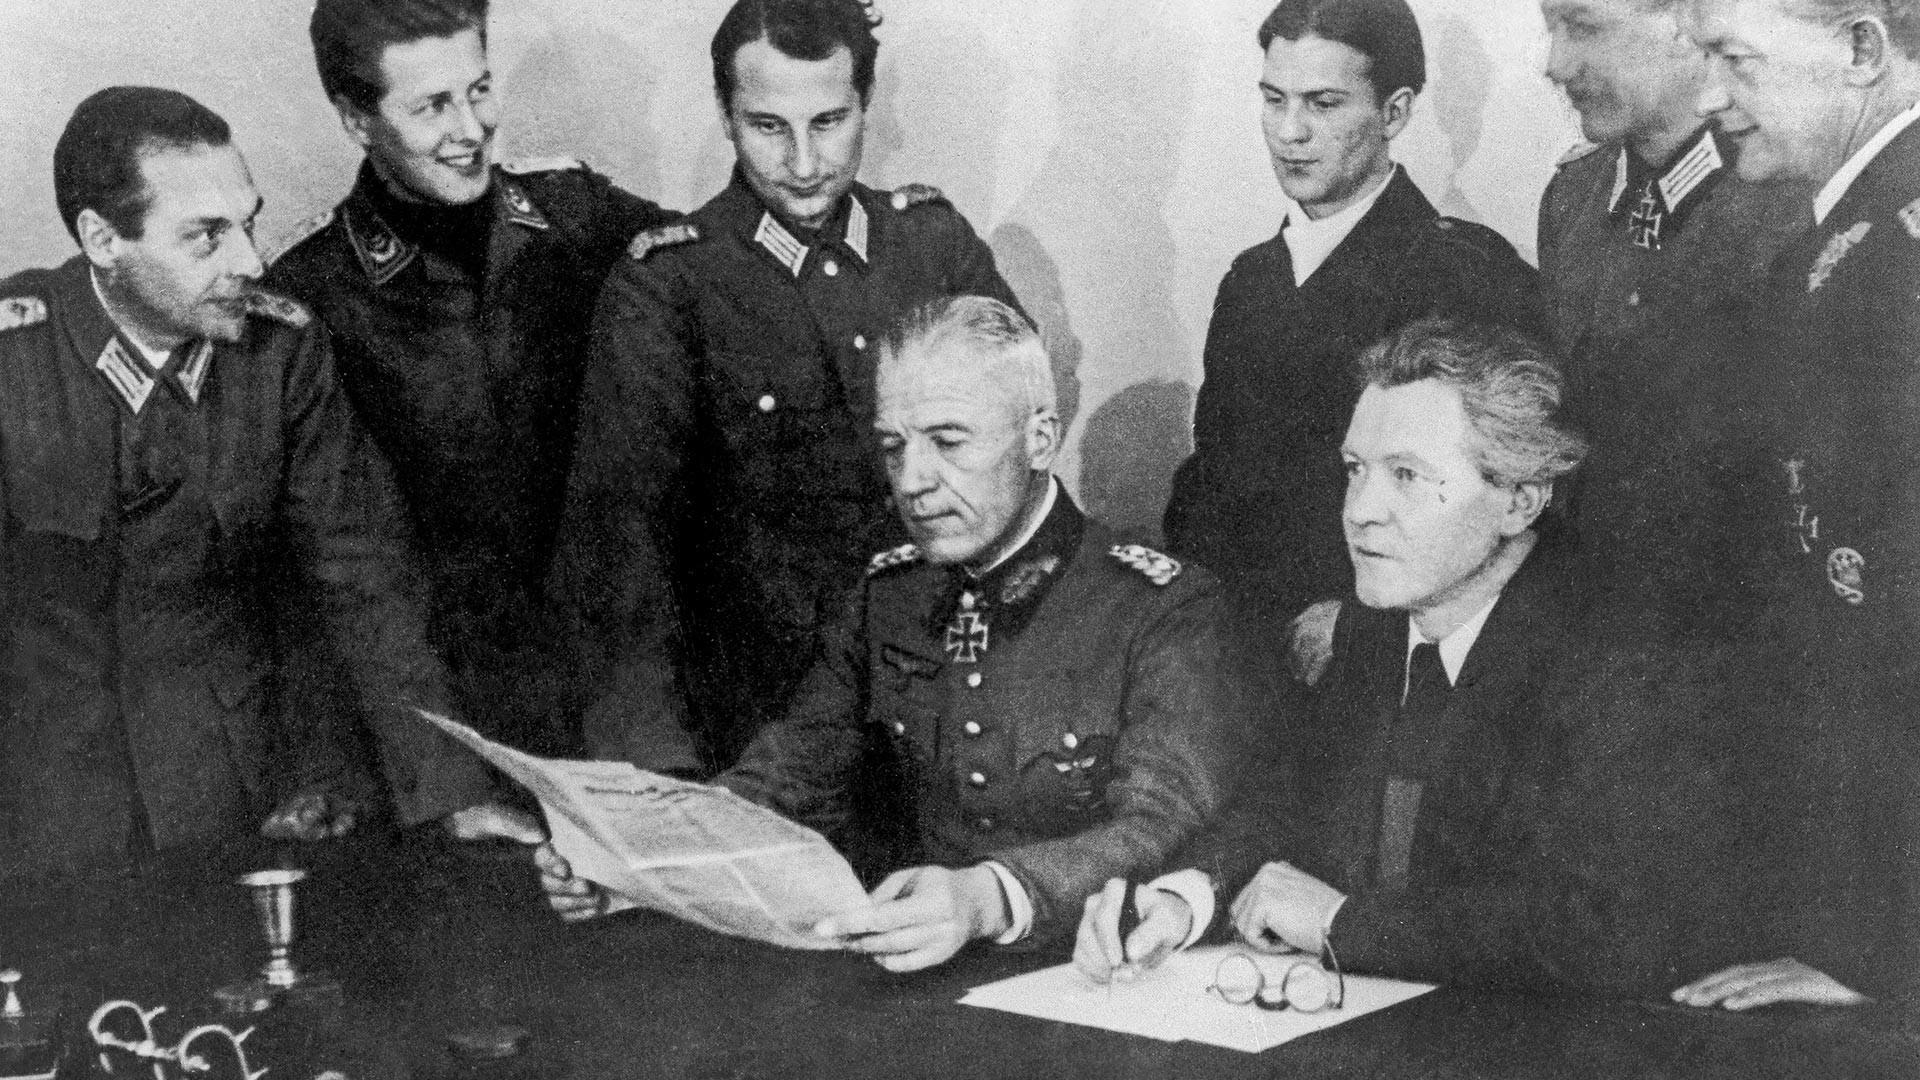 """Претседателот на националниот комитет """"Слободна Германија"""" писателот Ерих Вајнер (во прв план десно) и генерал Фон Зејдлиц на заседание на комитетот."""